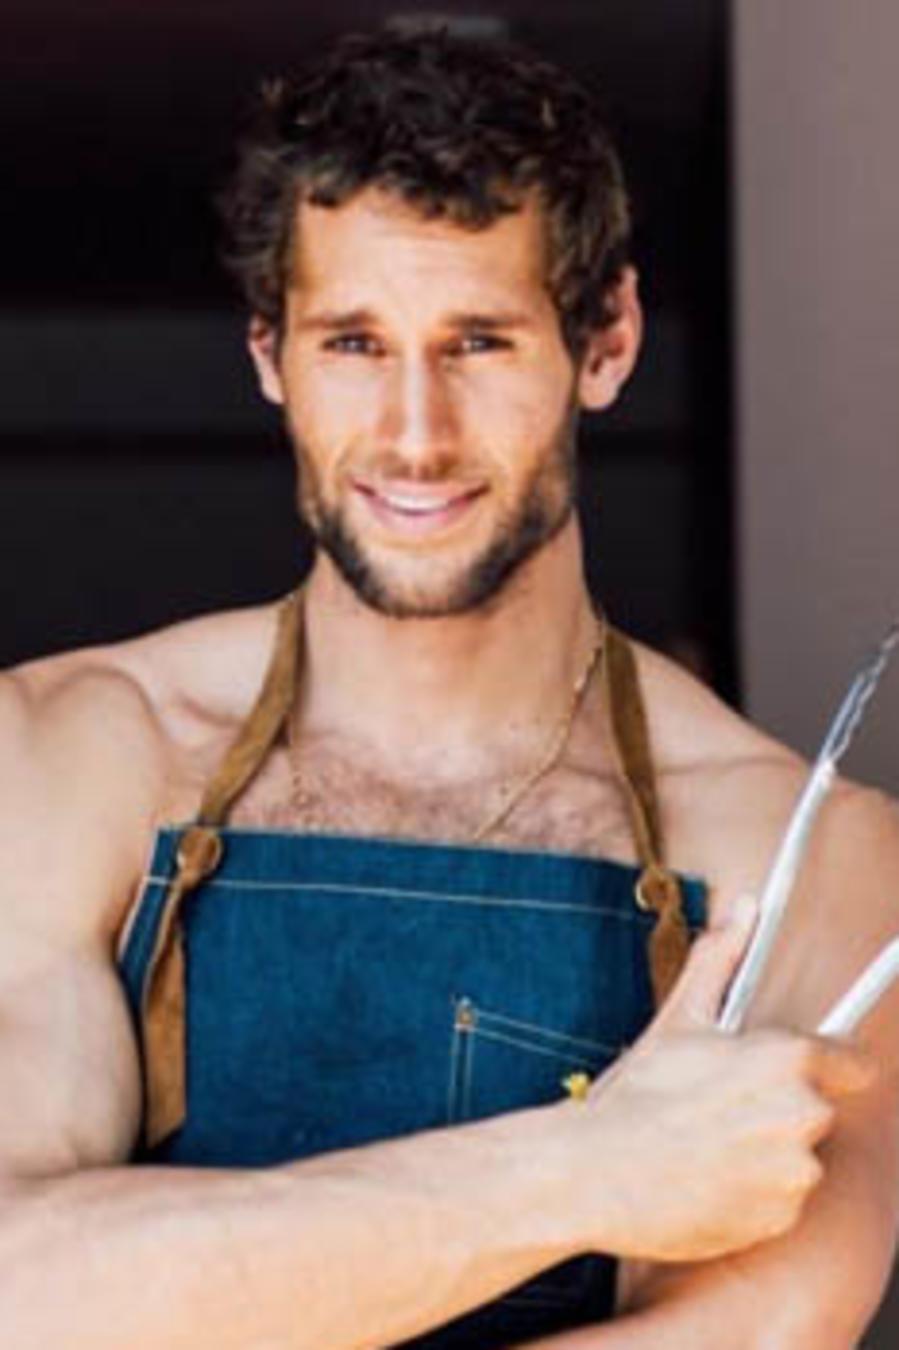 Chef posa sin camisa y con delantal